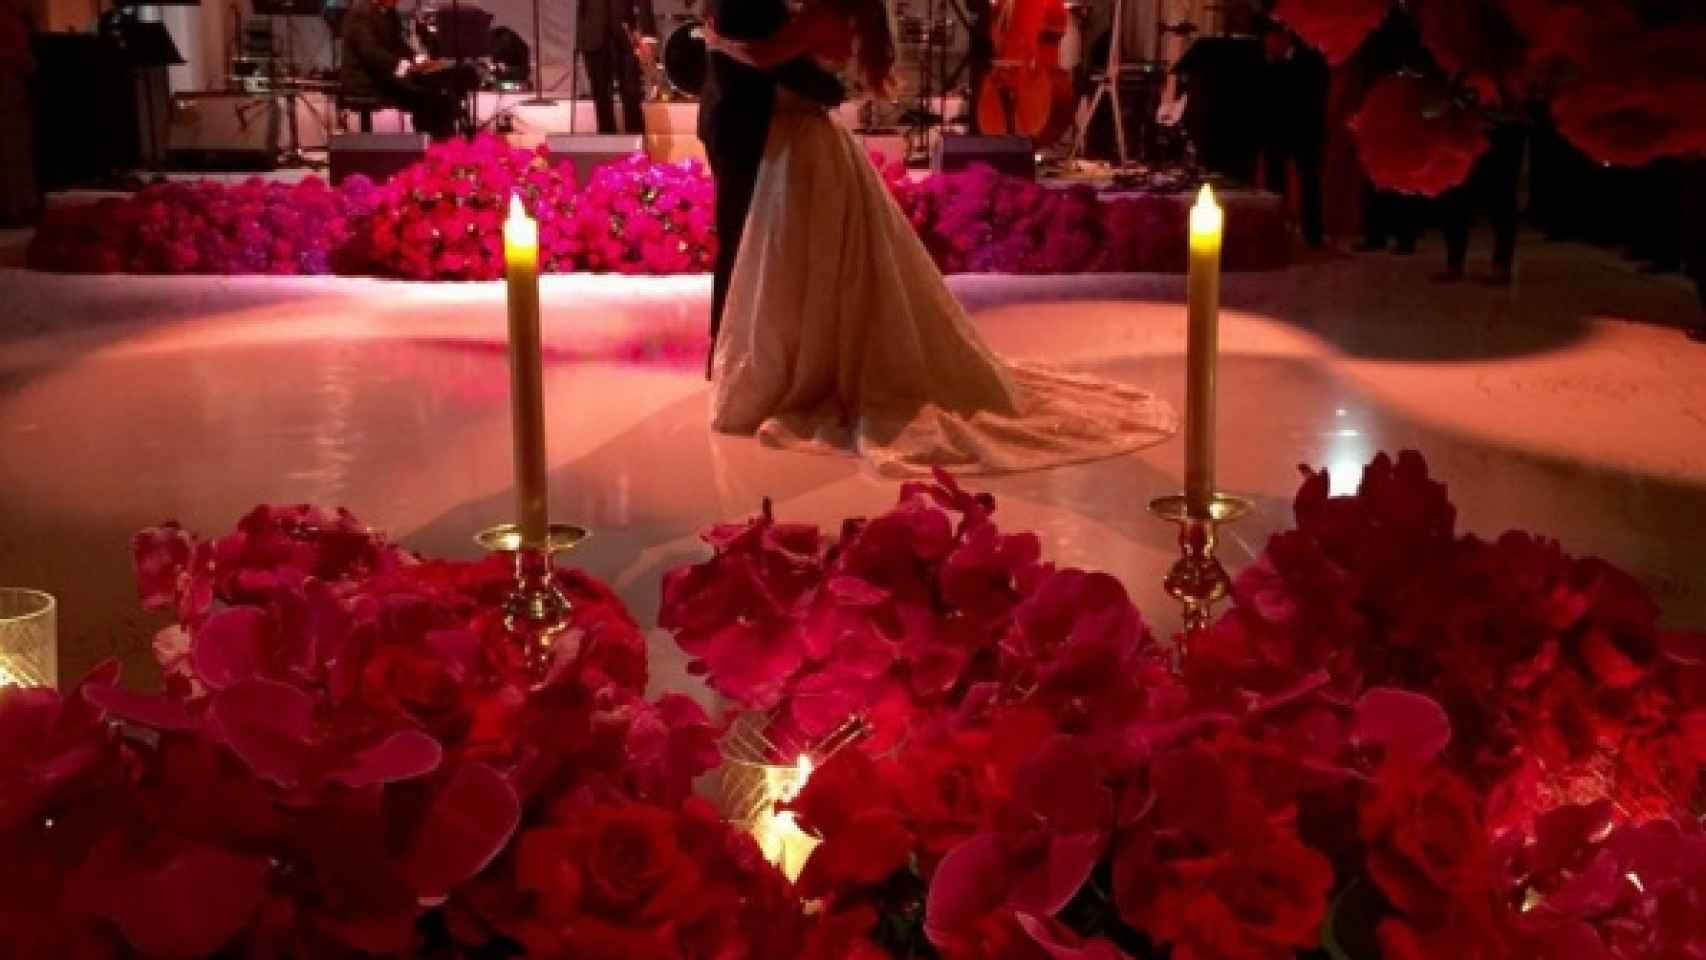 El vals nupcial ha sido uno de los momentos más románticos de la ceremonia